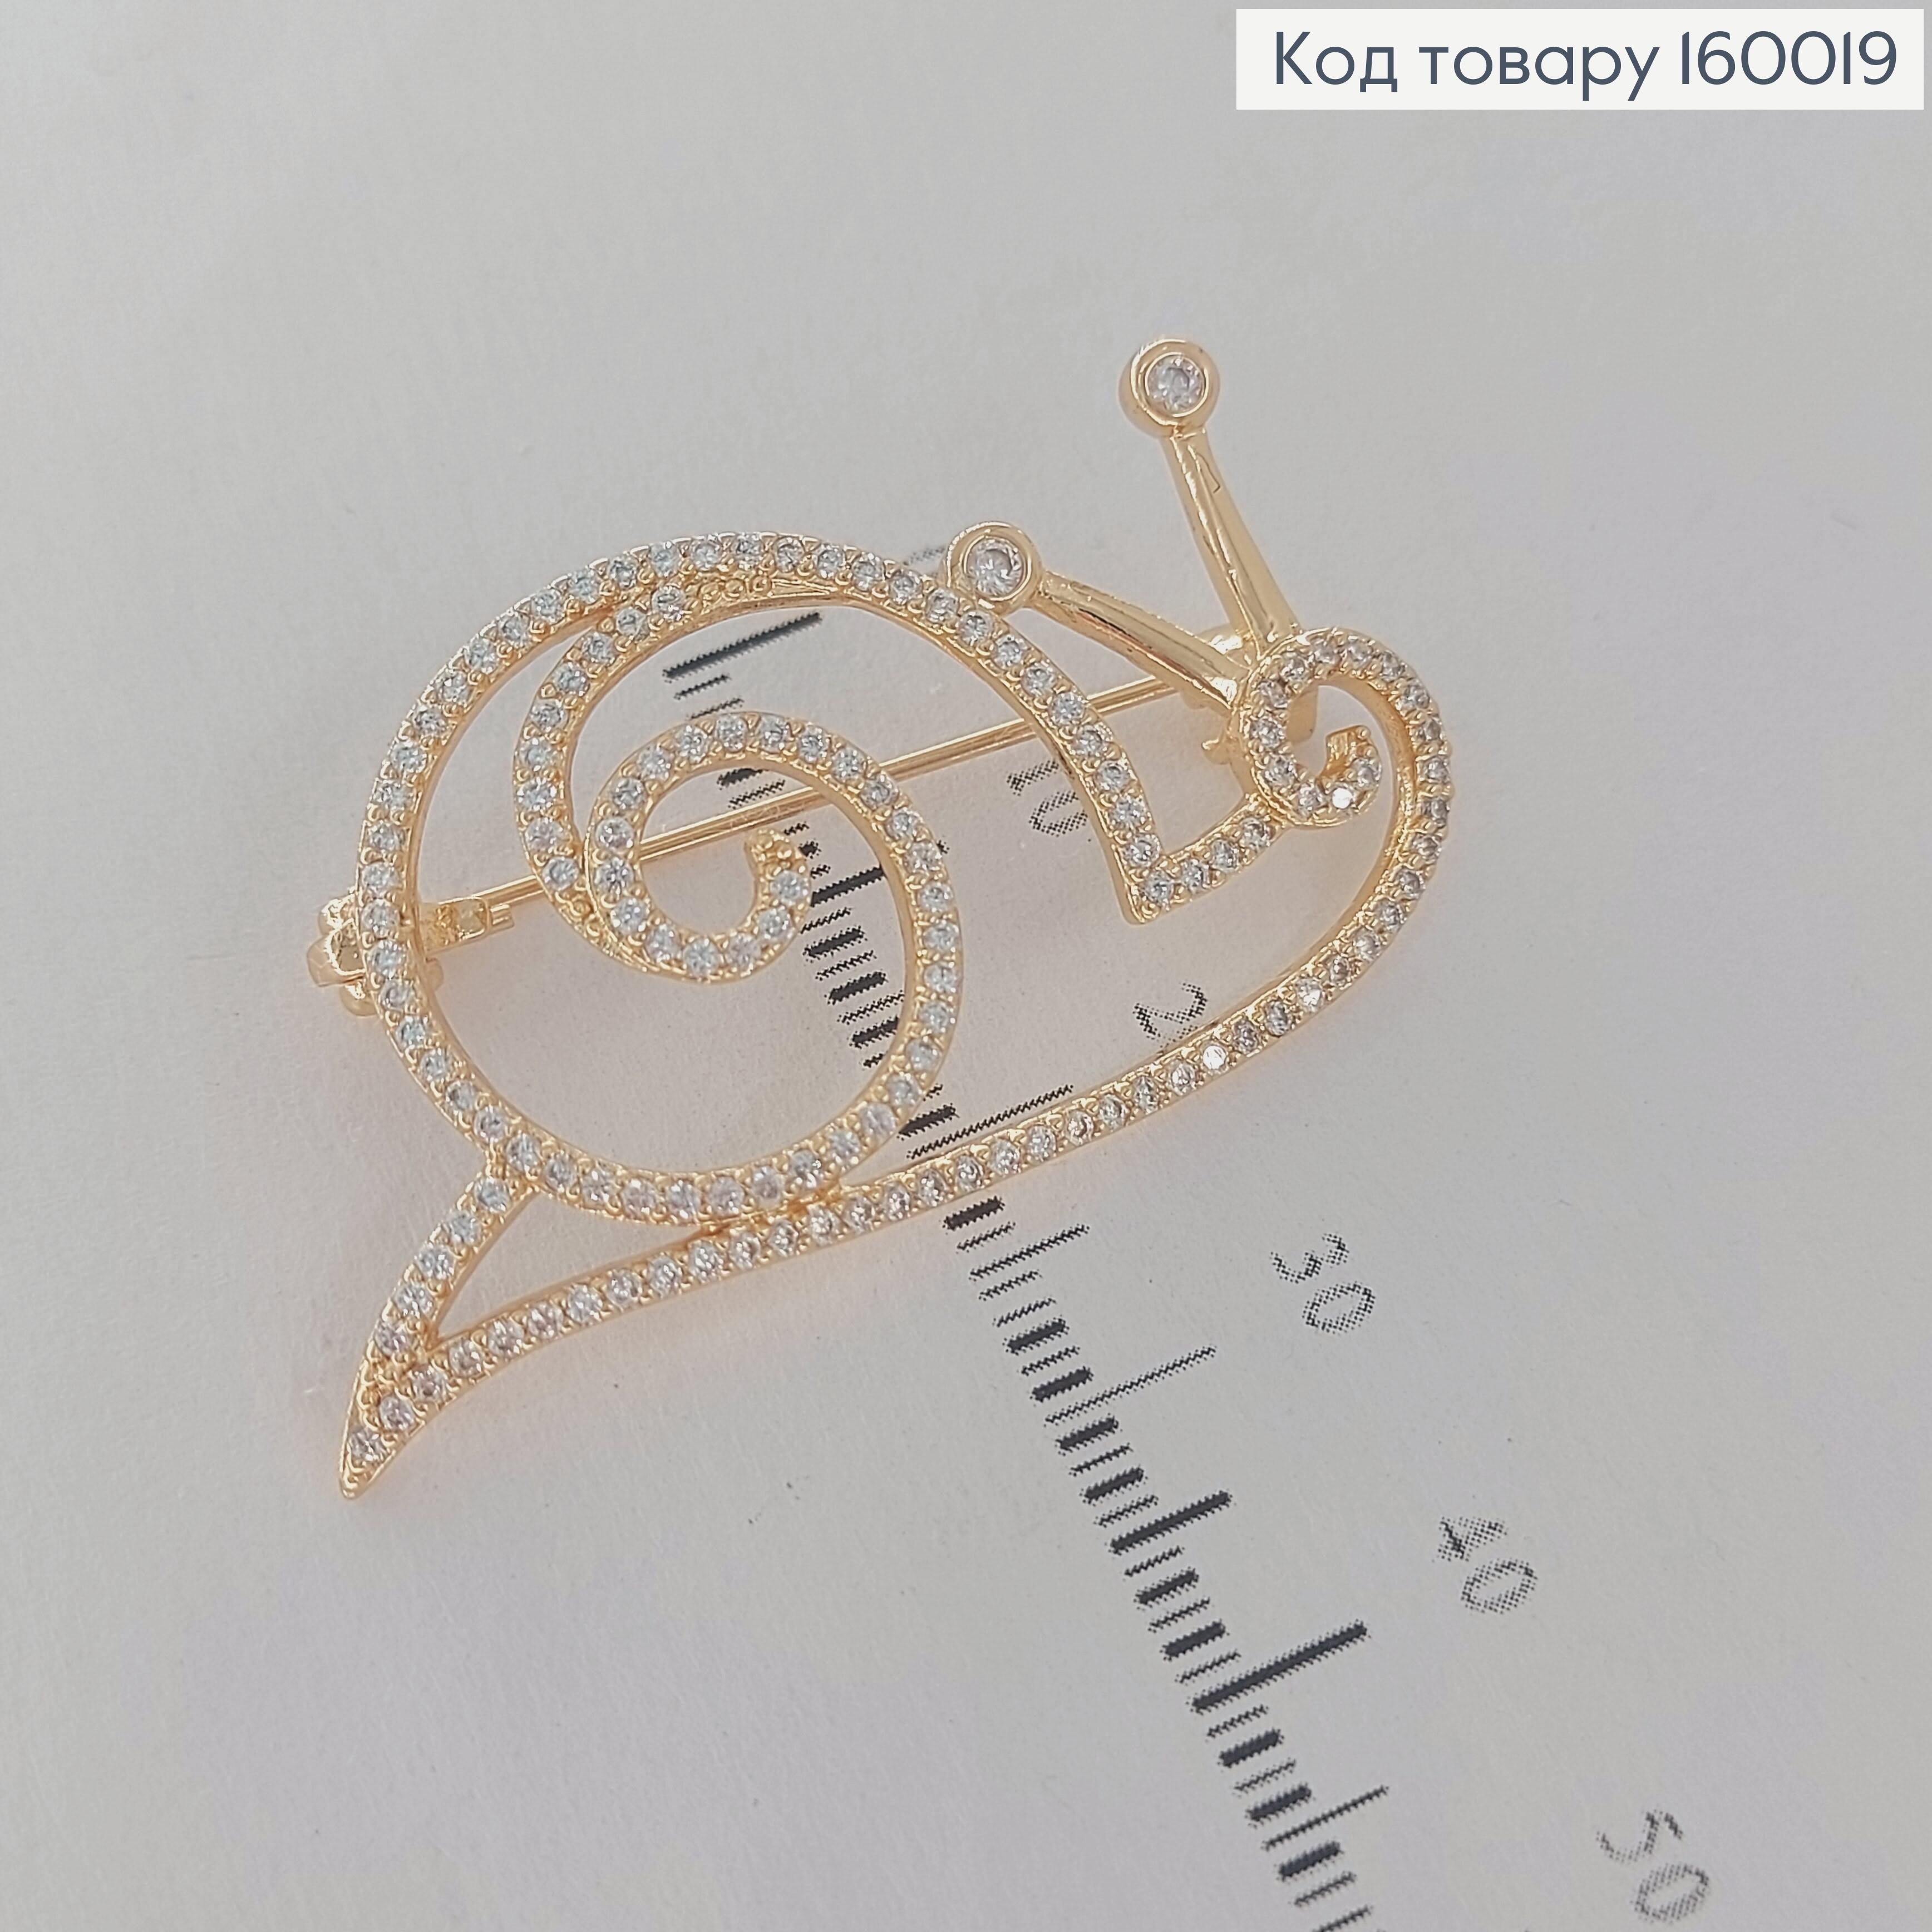 Брошка Равлик   з камніцями медичне золото 18К  Xuping 160019 фото 1